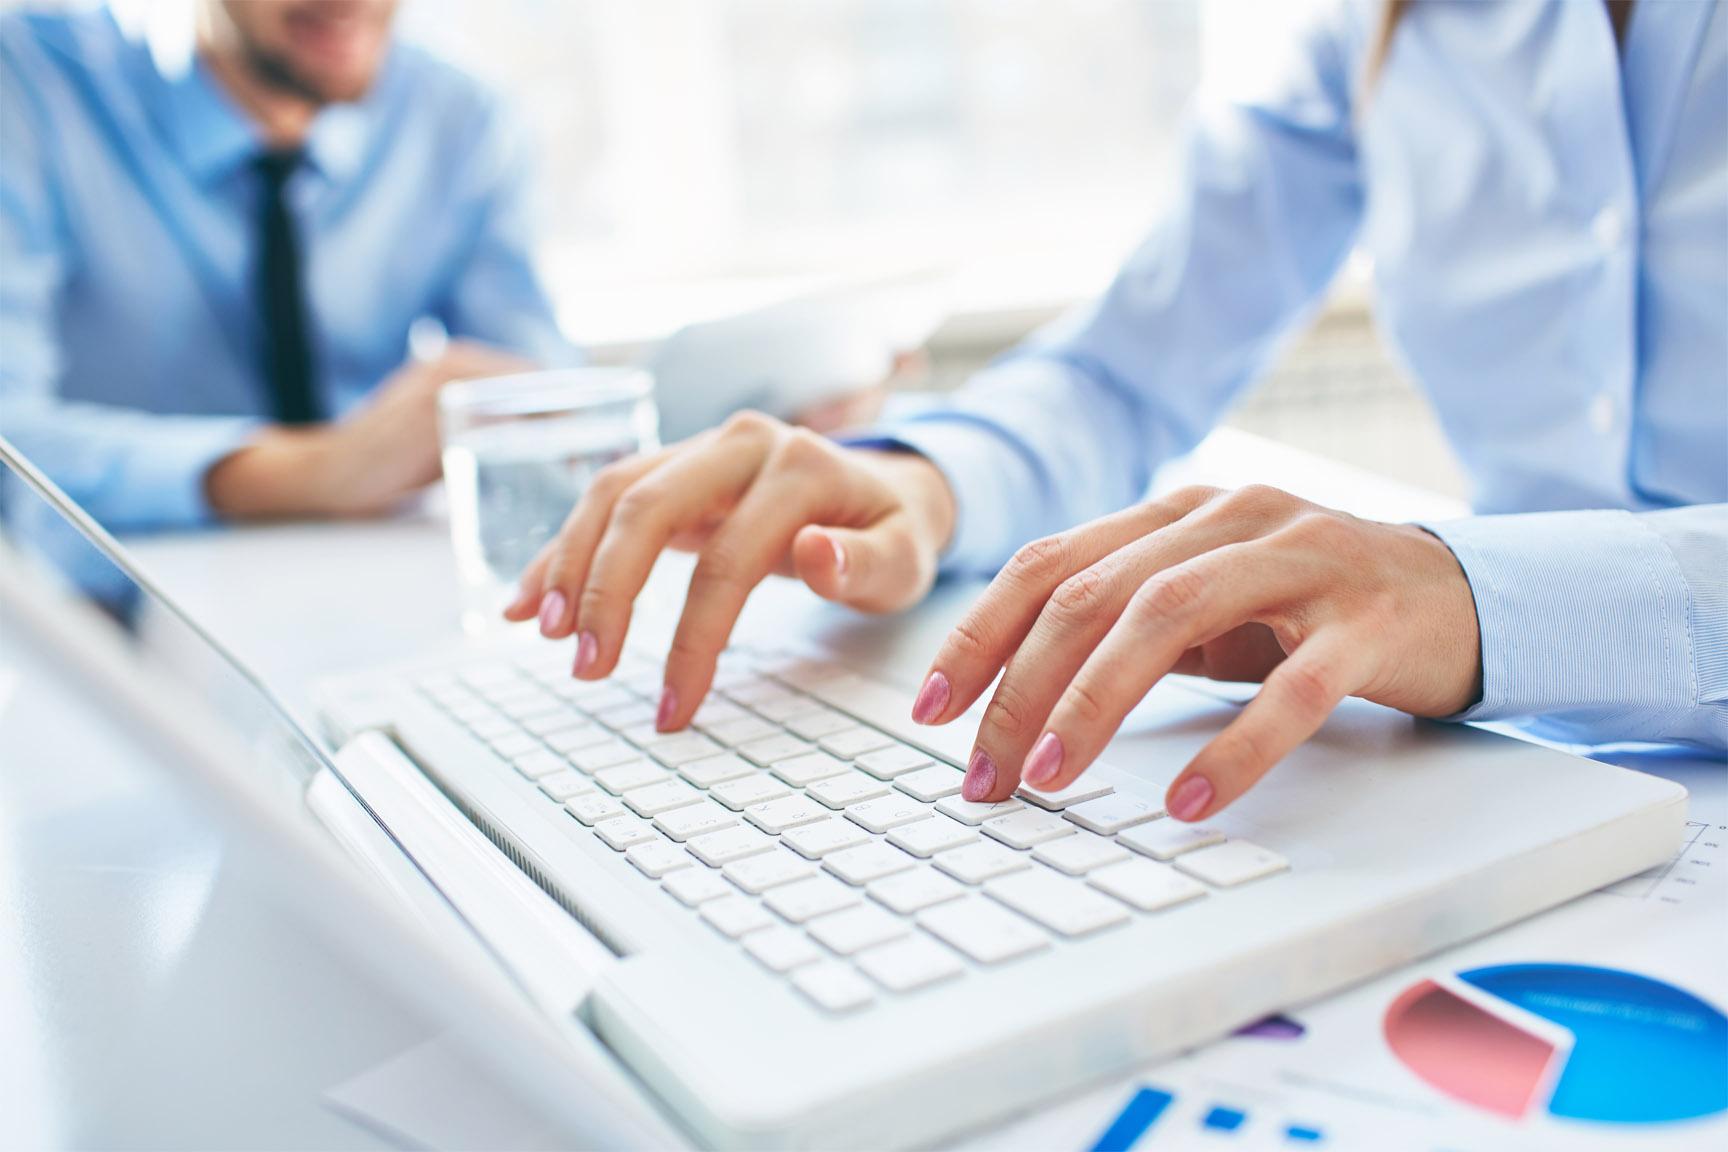 COVID-19. 11 dalykų, kuriuos svarbu žinoti apie elektroninį parašą